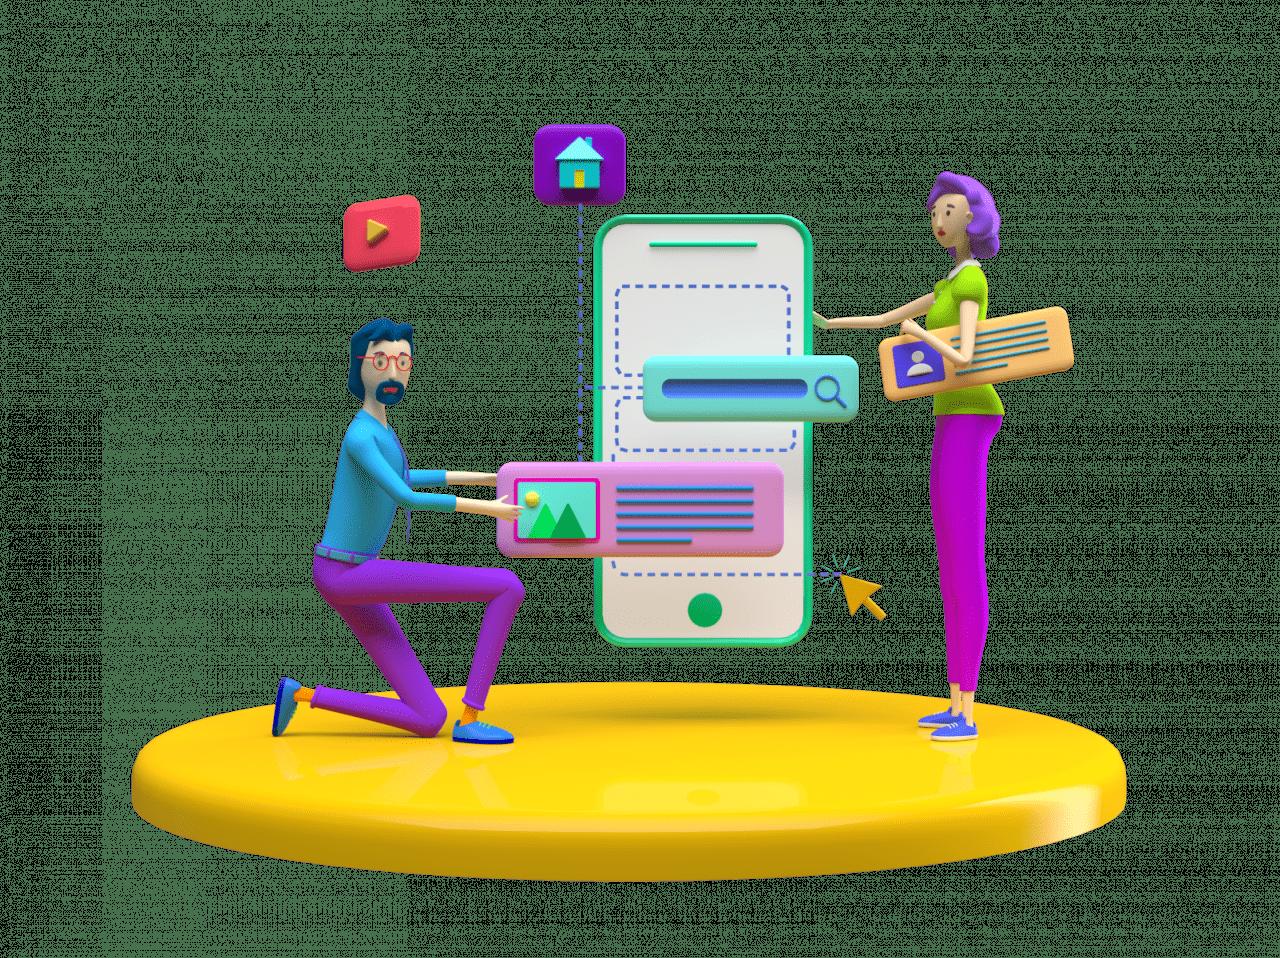 créer des applications en no-code